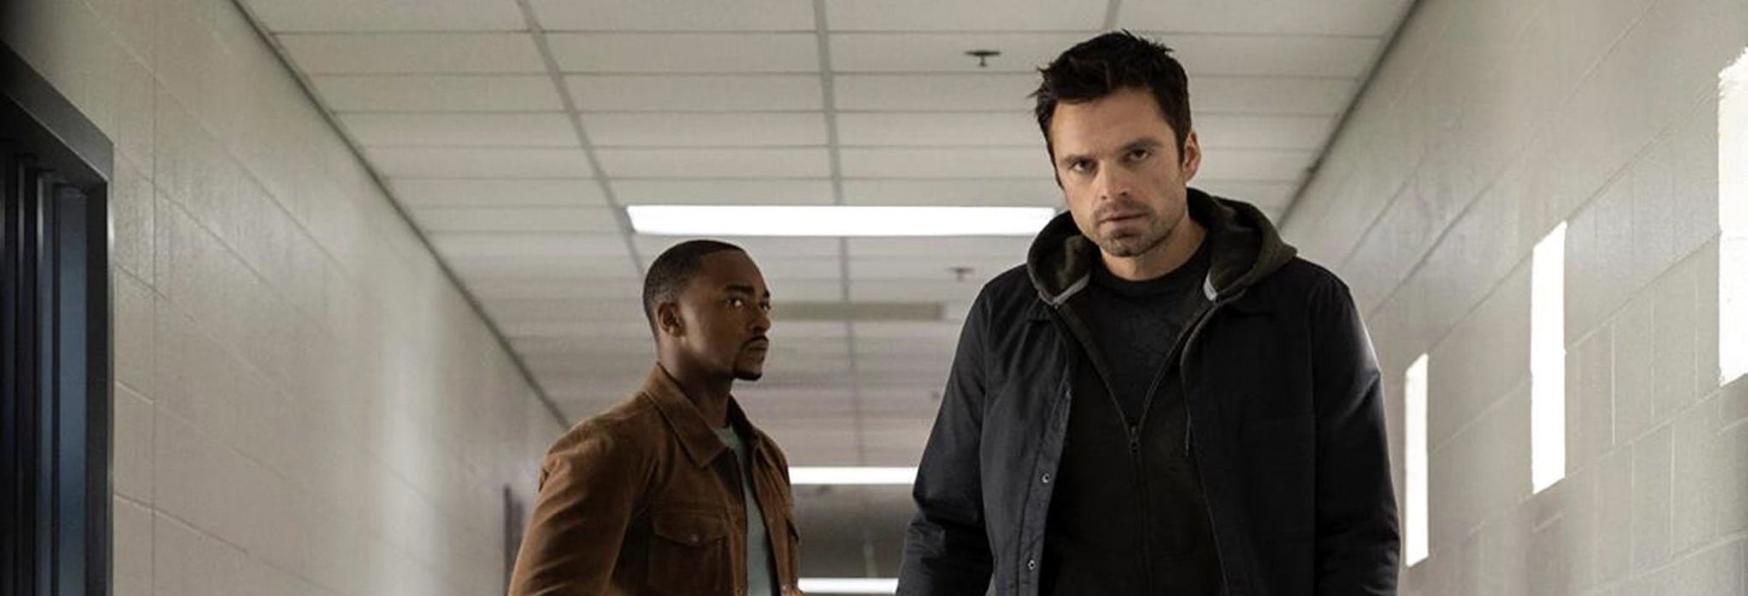 The Falcon and The Winter Soldier: la Serie TV sarà ricca di Azione Vecchio Stile